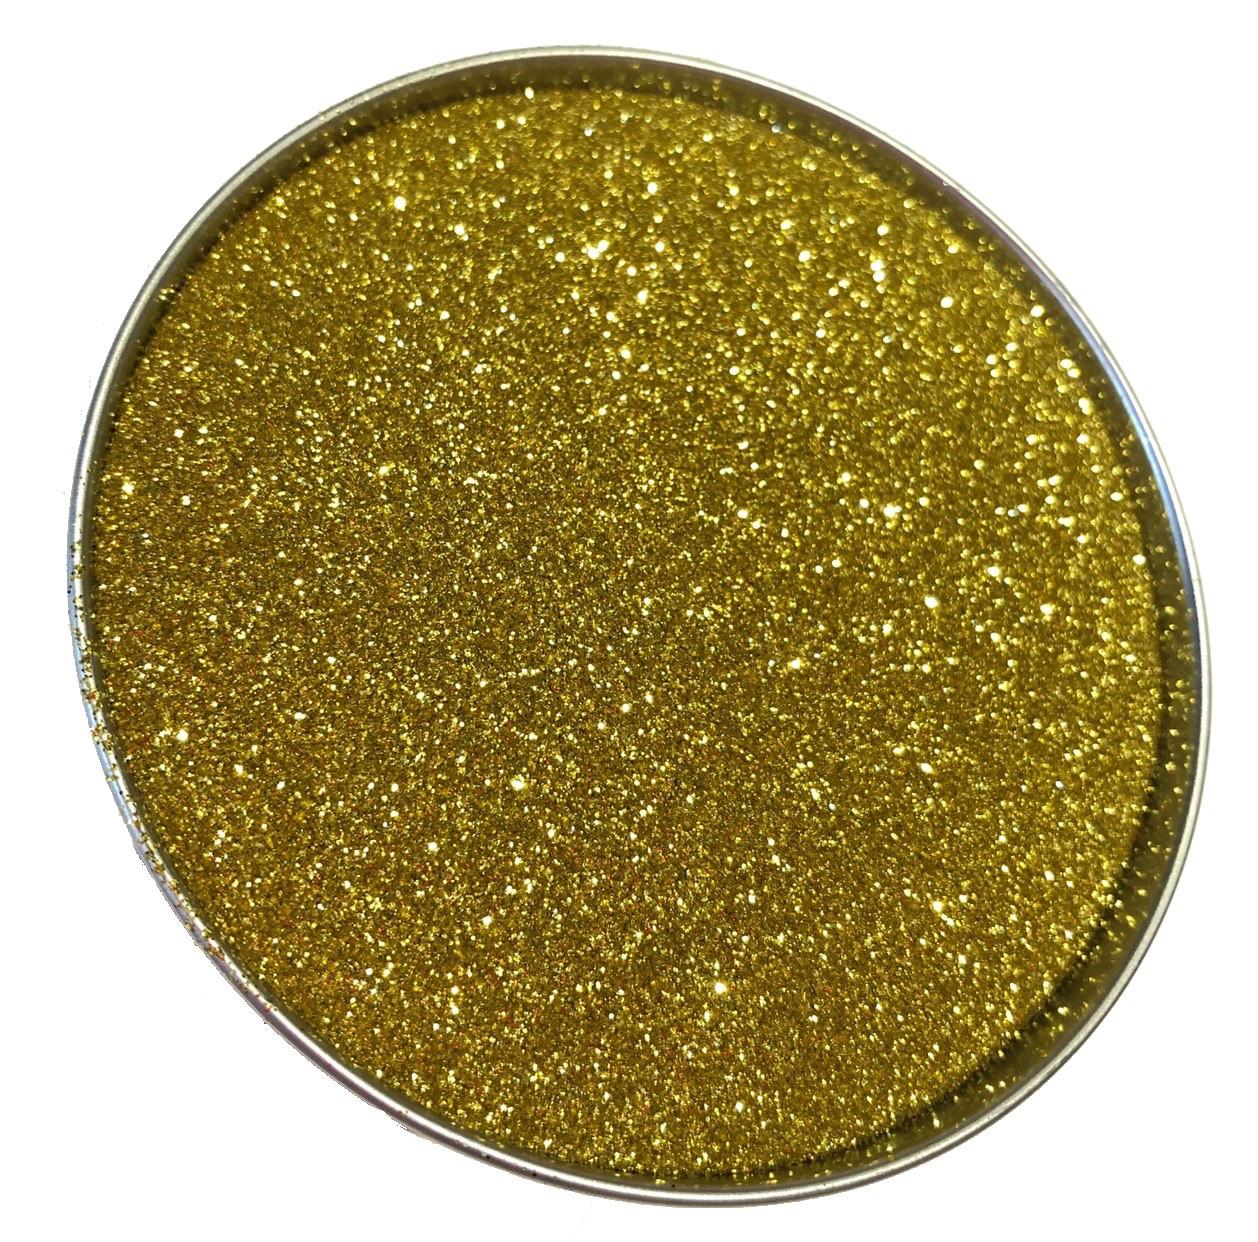 Глиттер золотой TS106-256, 150мл